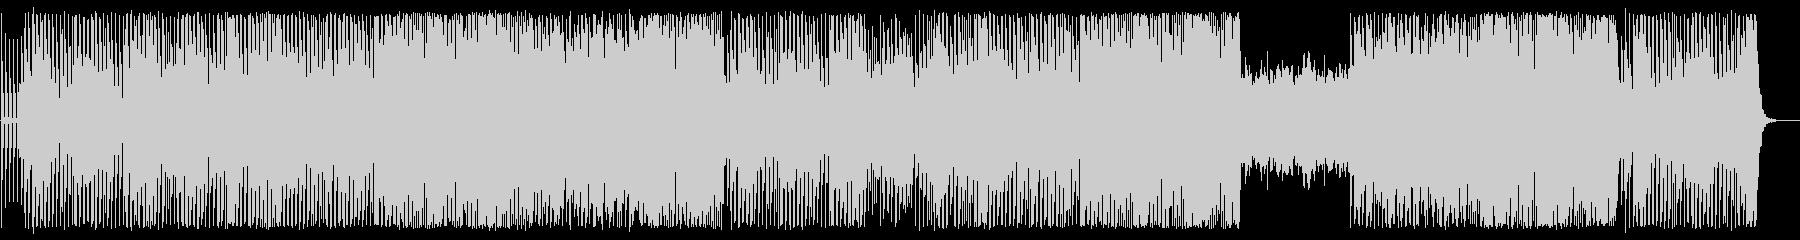 ビートのある懐かしいシンセサイザーの曲の未再生の波形